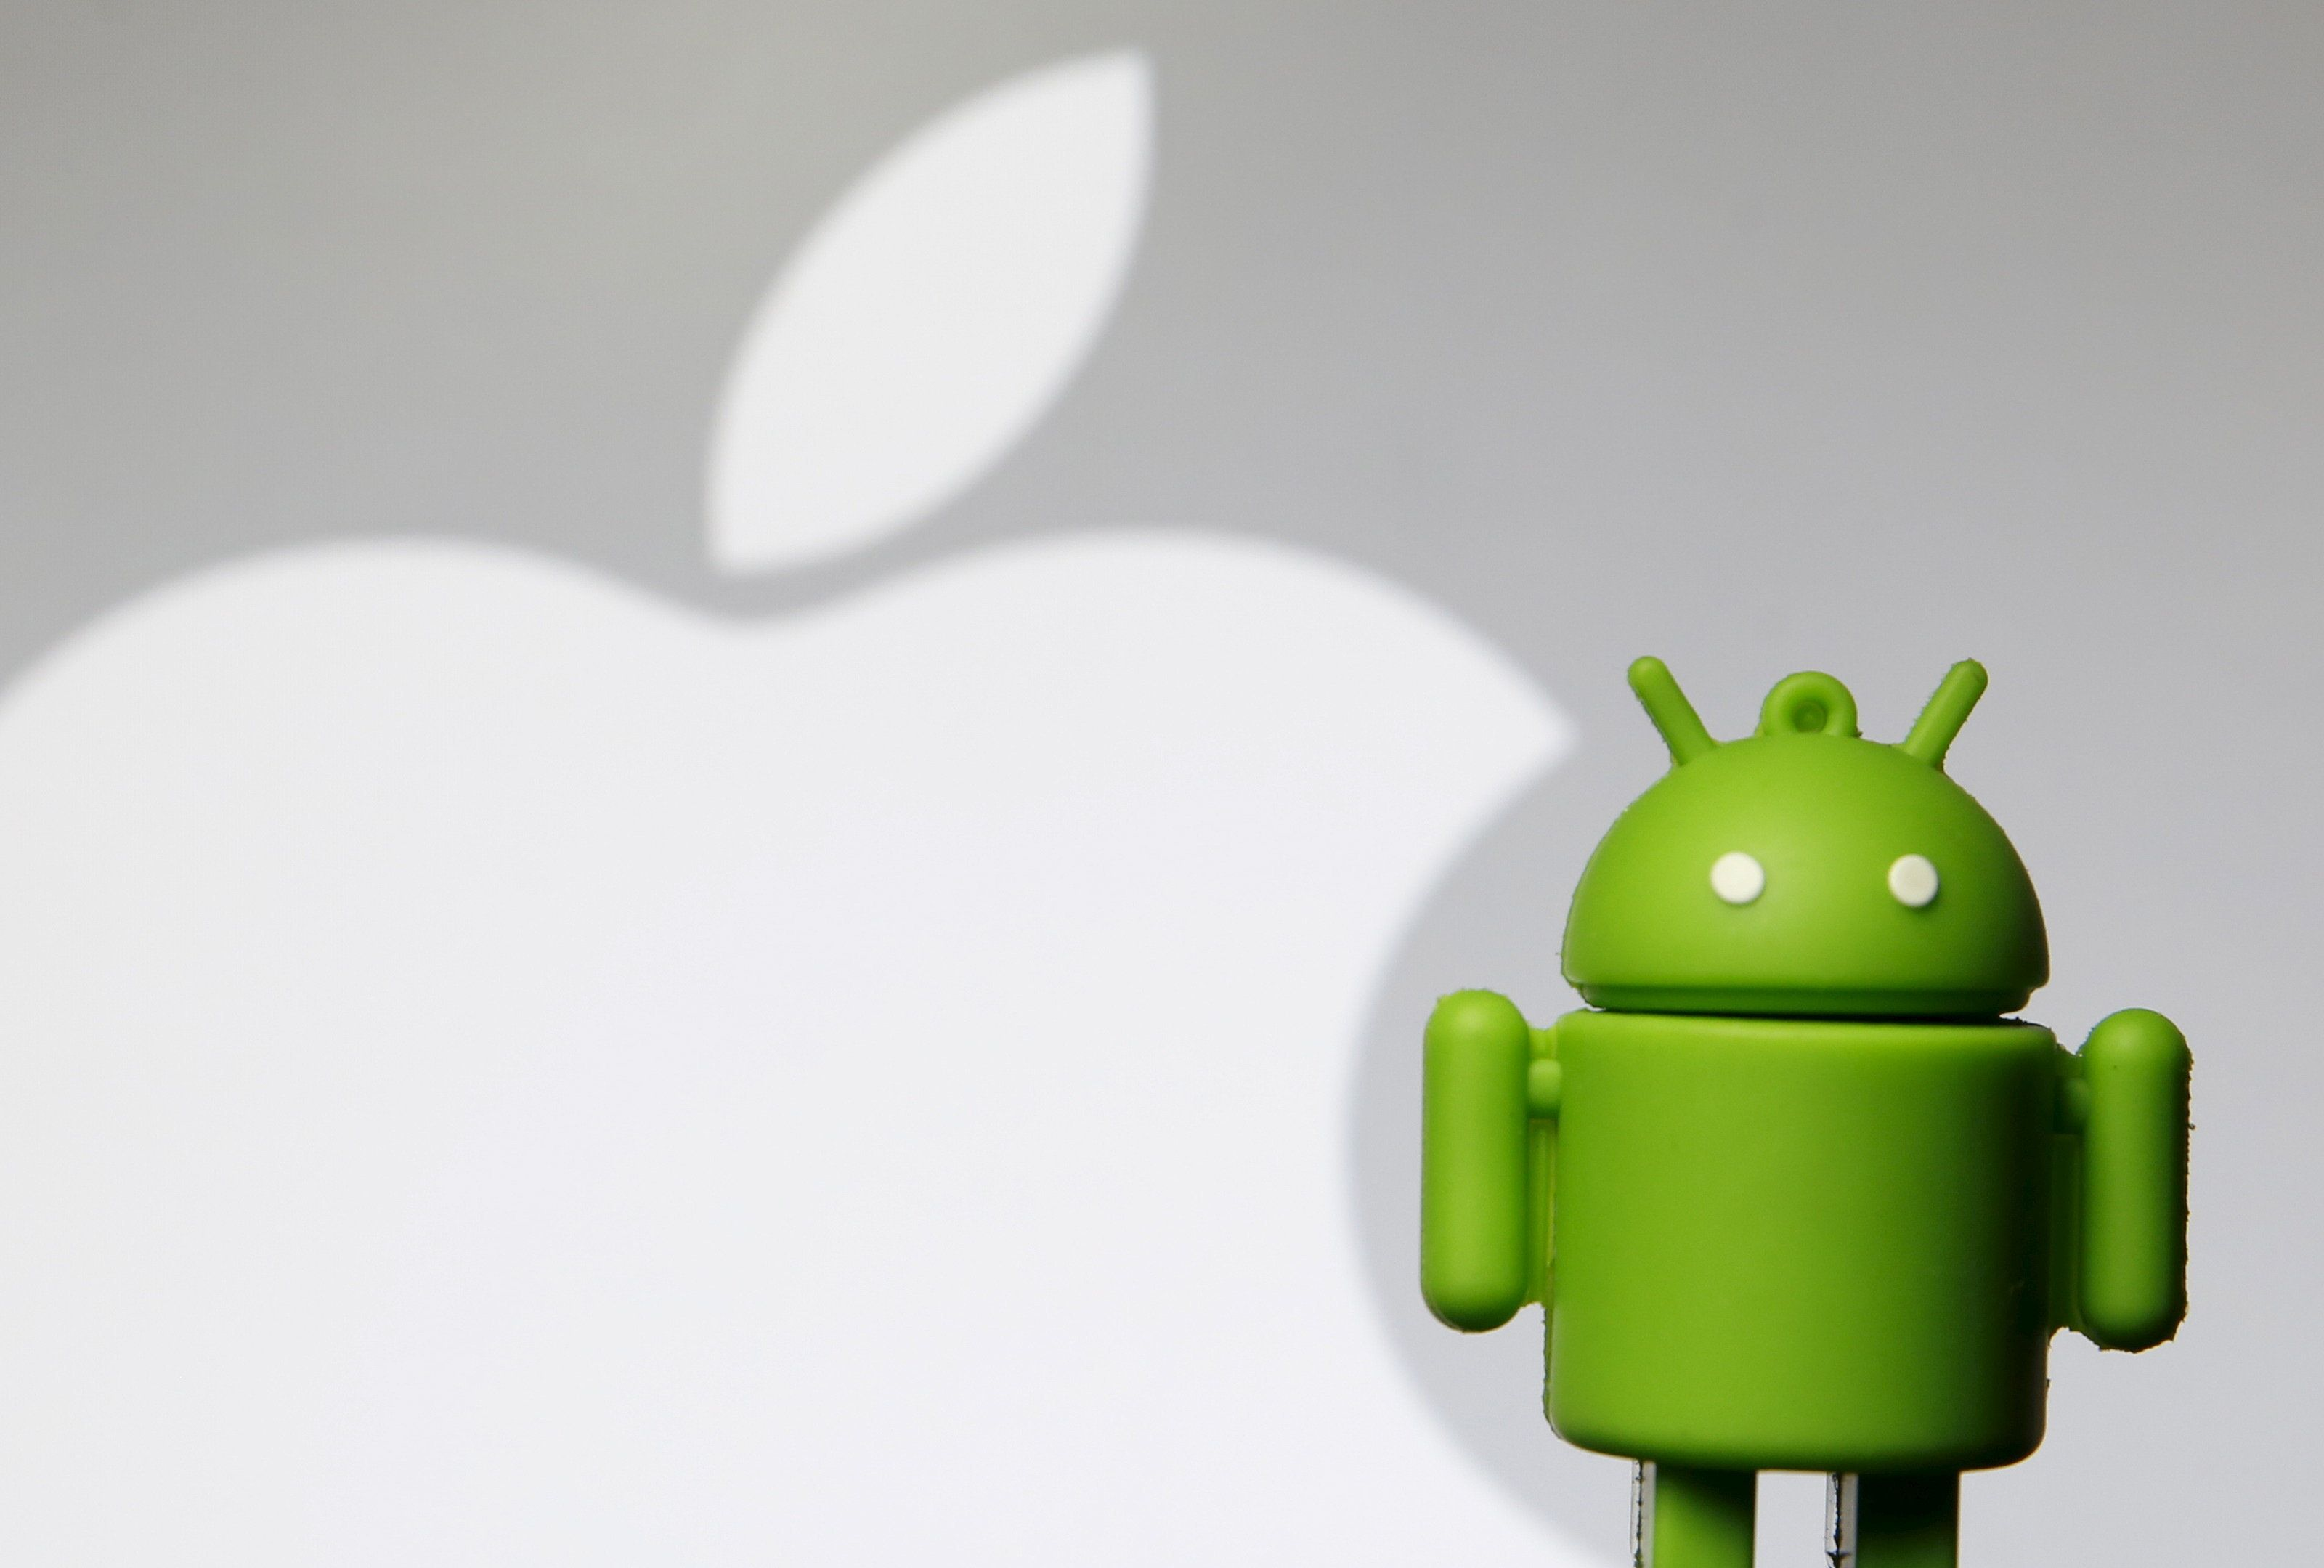 Ένας «πόλεμος» που καλά κρατεί: Αυτή τη φορά η Apple κερδίζει δίκη έναντι της Samsung για αντιγραφή μερικών